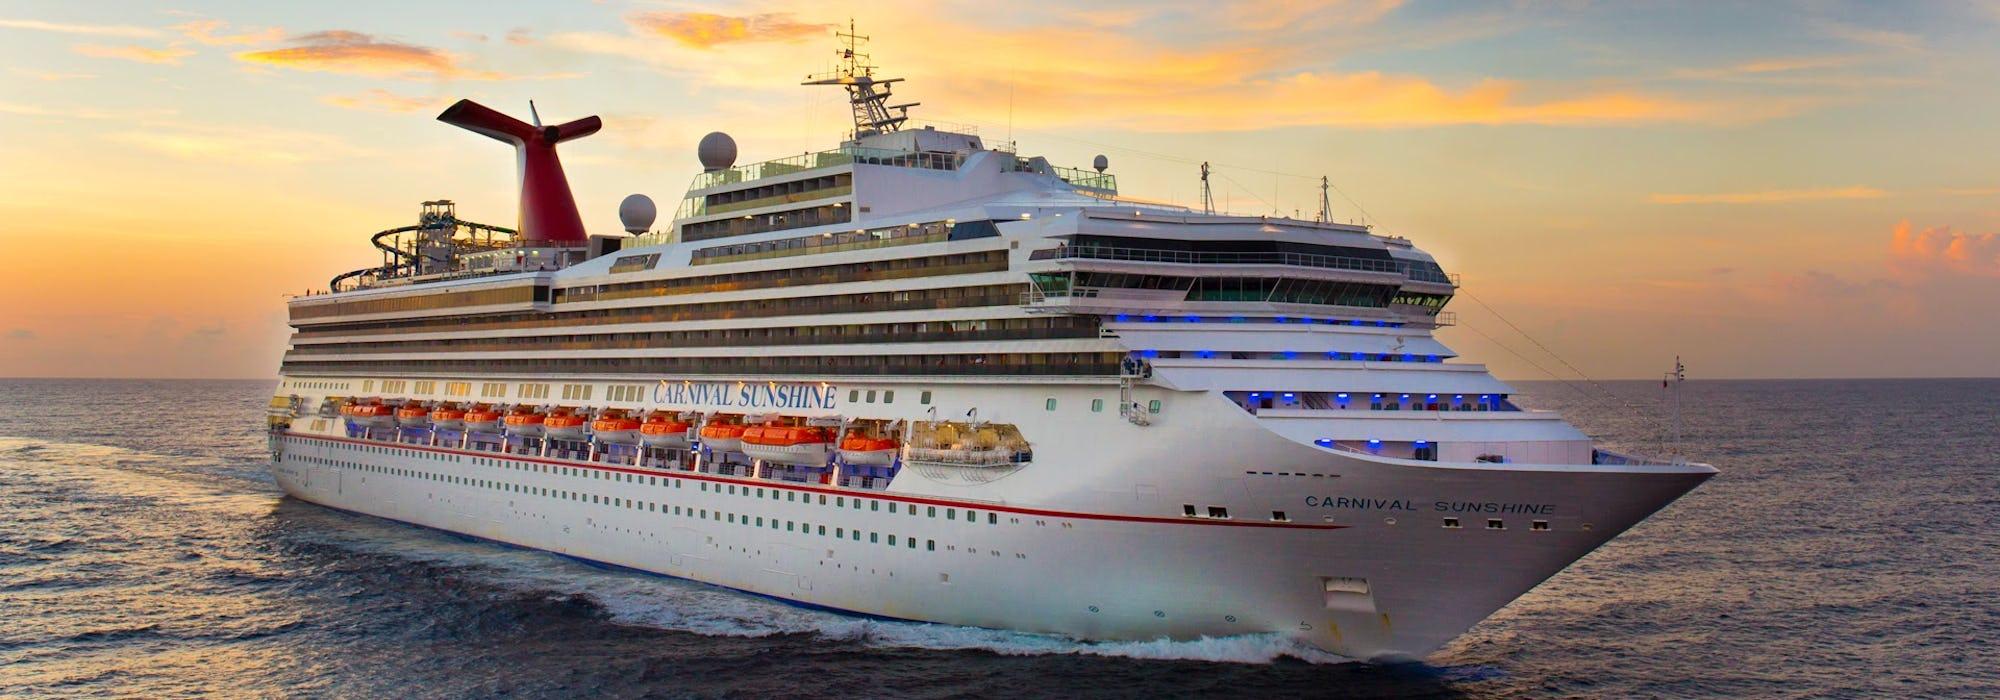 Carnival Sunshine kryssar fram i solnedgången.